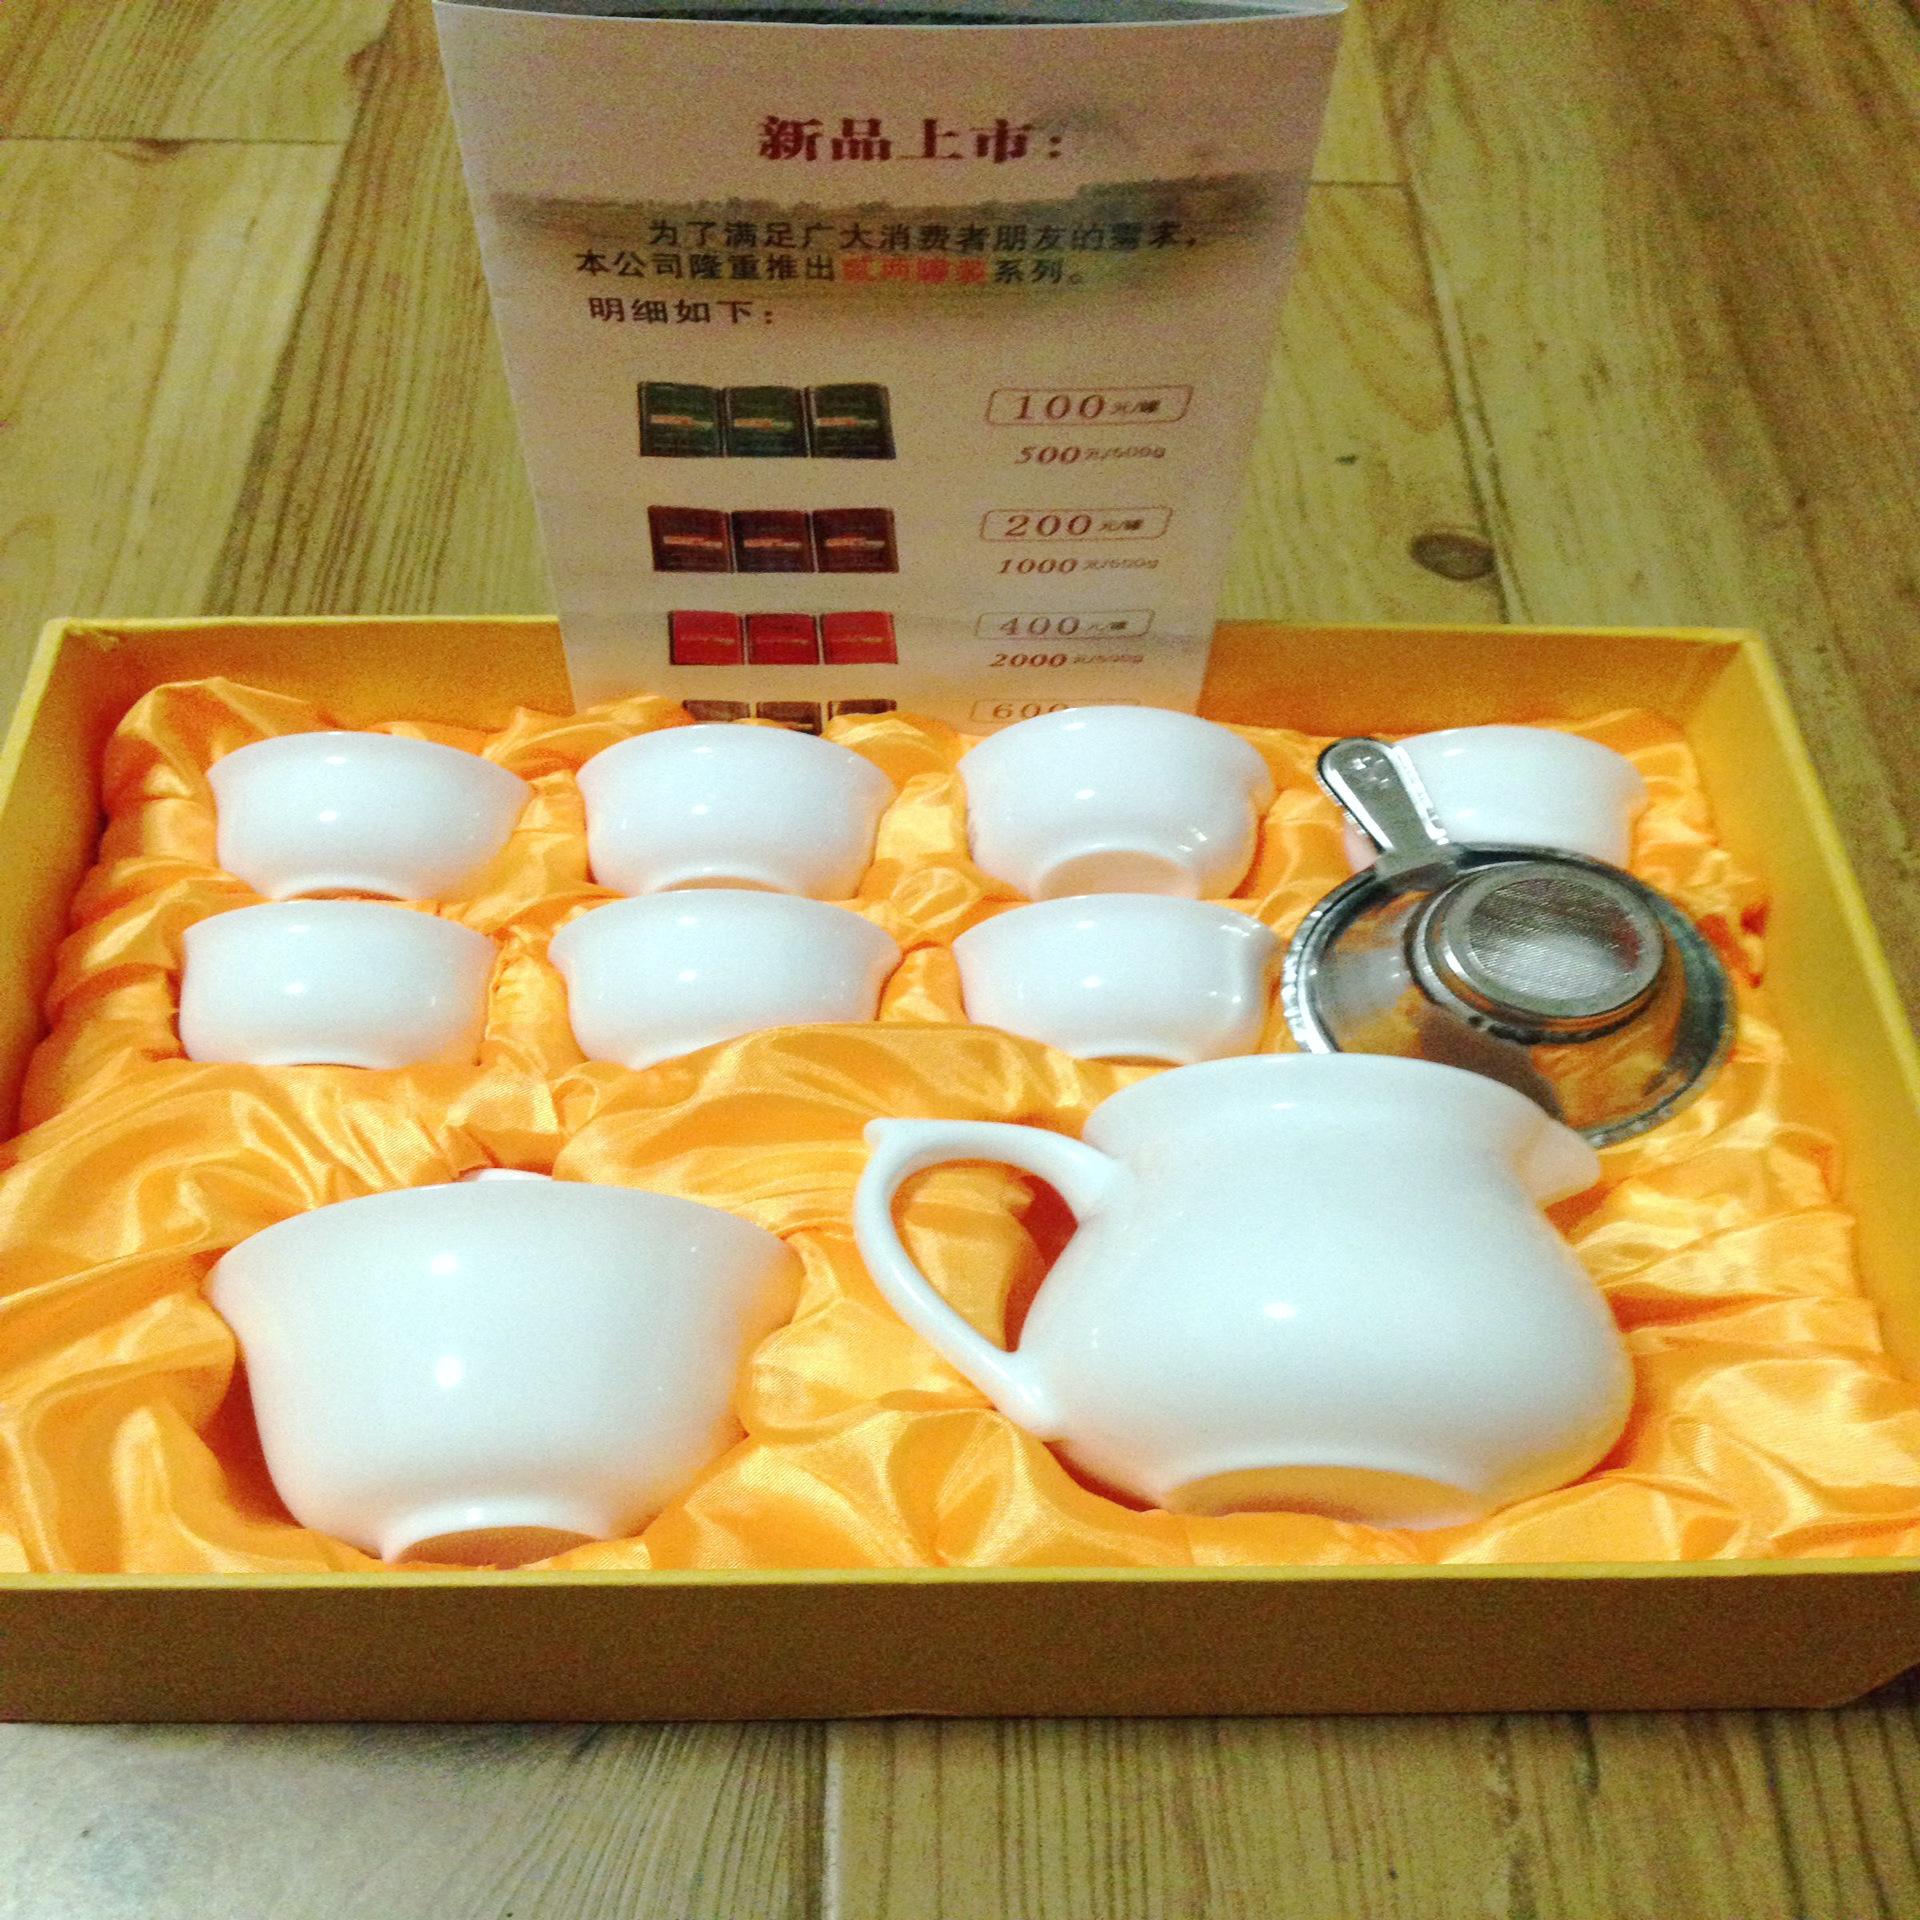 工艺品茶具紫砂产品供应采购批发就上阿里巴巴